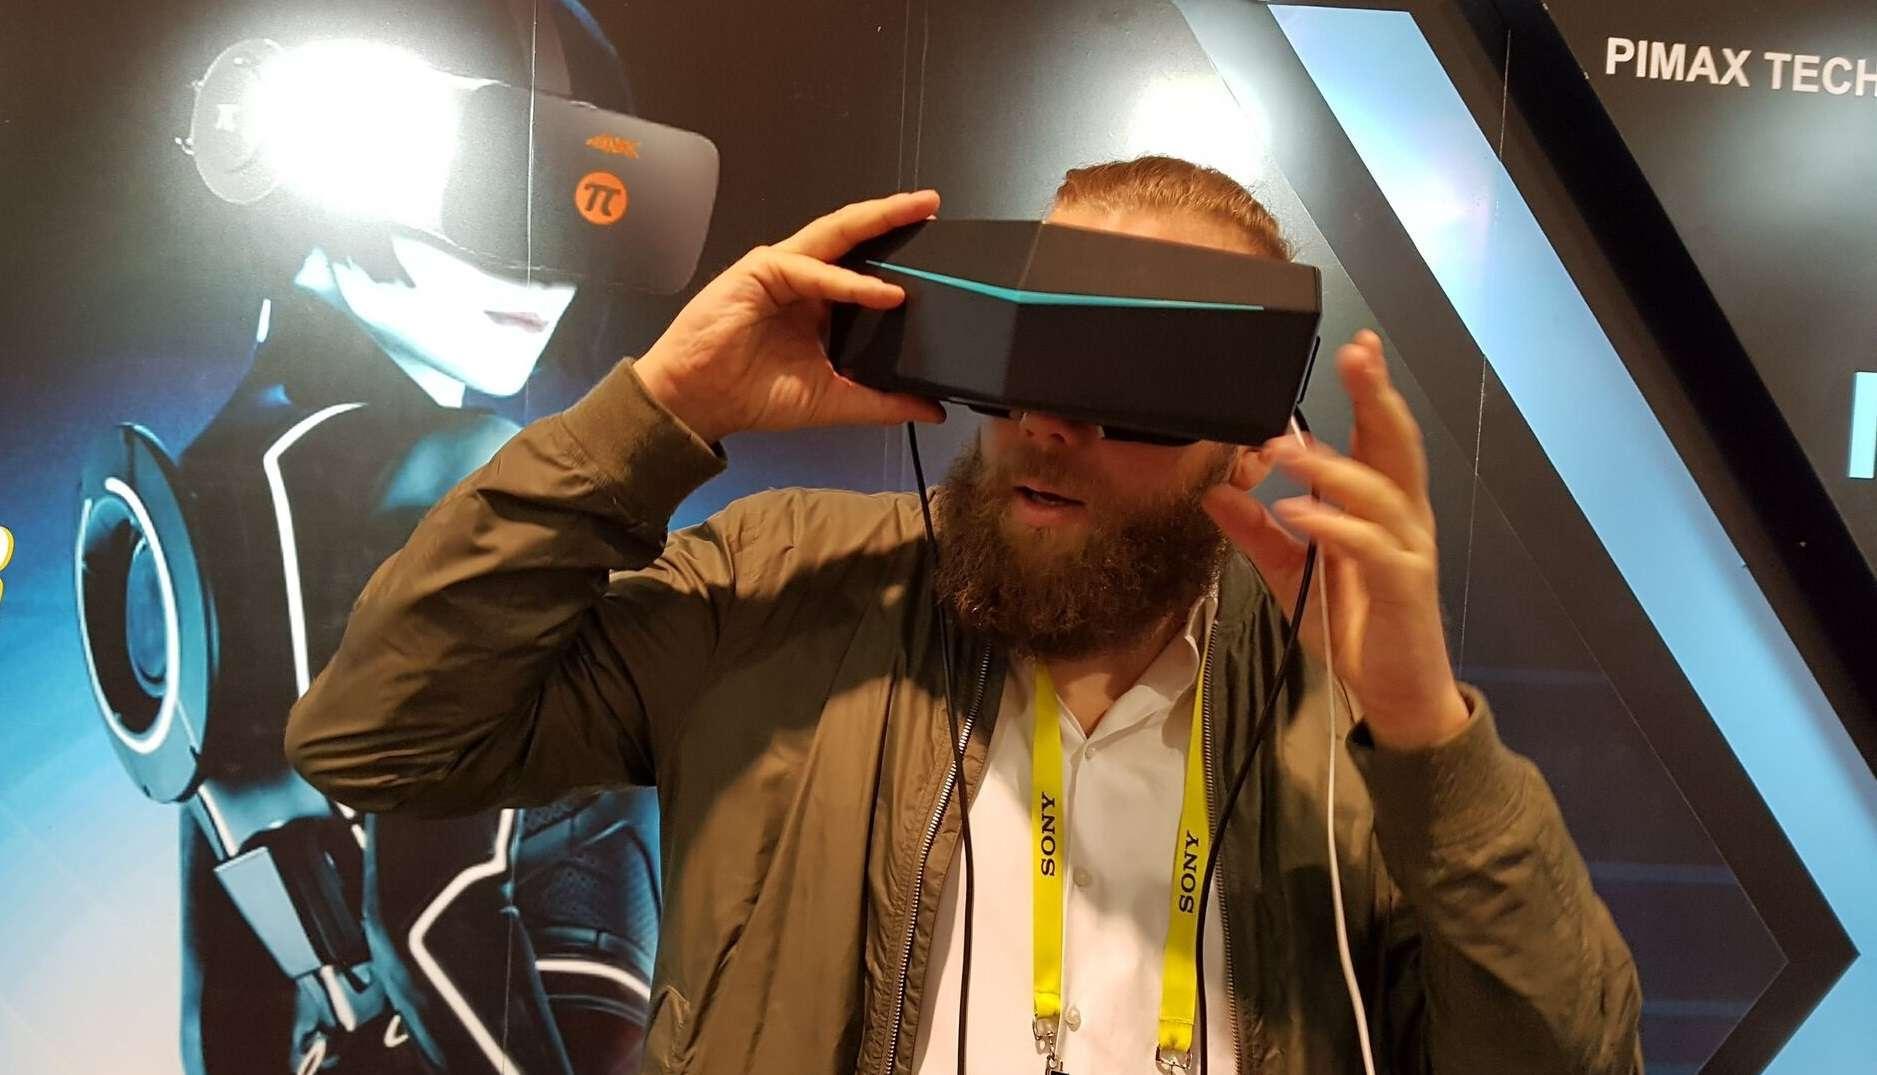 PiMAX 8K VR: Erste Eindrücke zum neuen Headset - VR∙Nerds